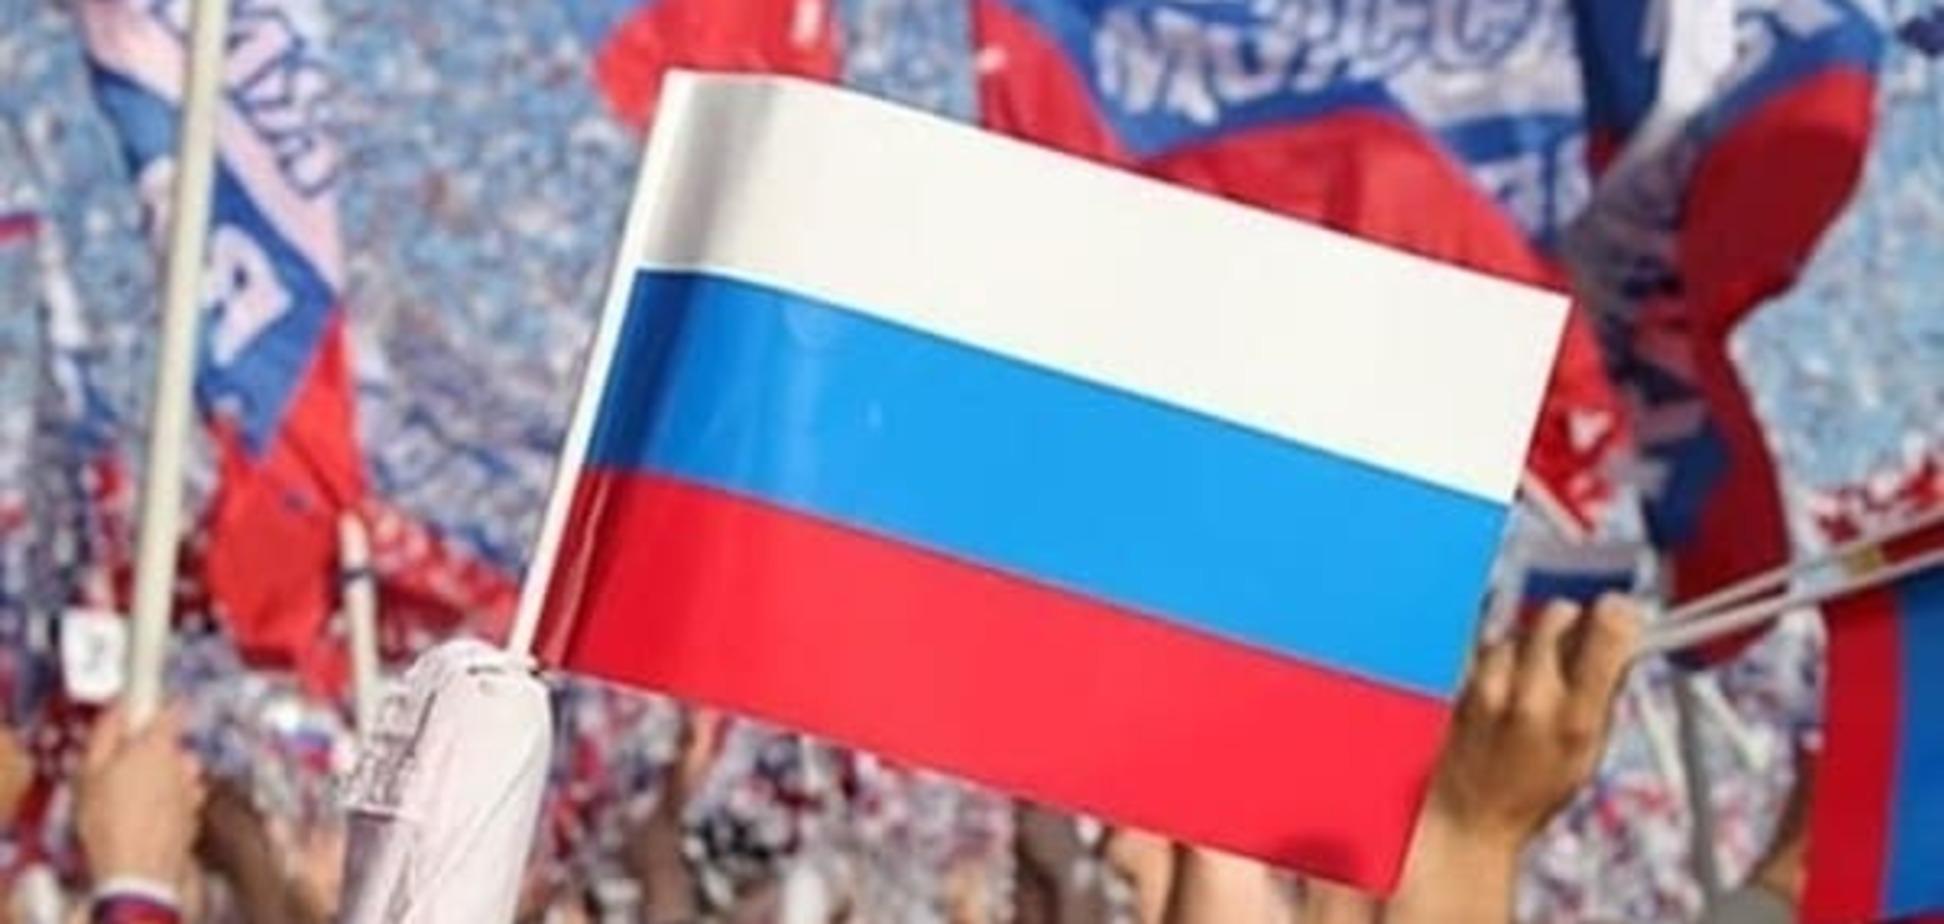 Прозріли: більше половини росіян вважають, що країна перебуває в ізоляції